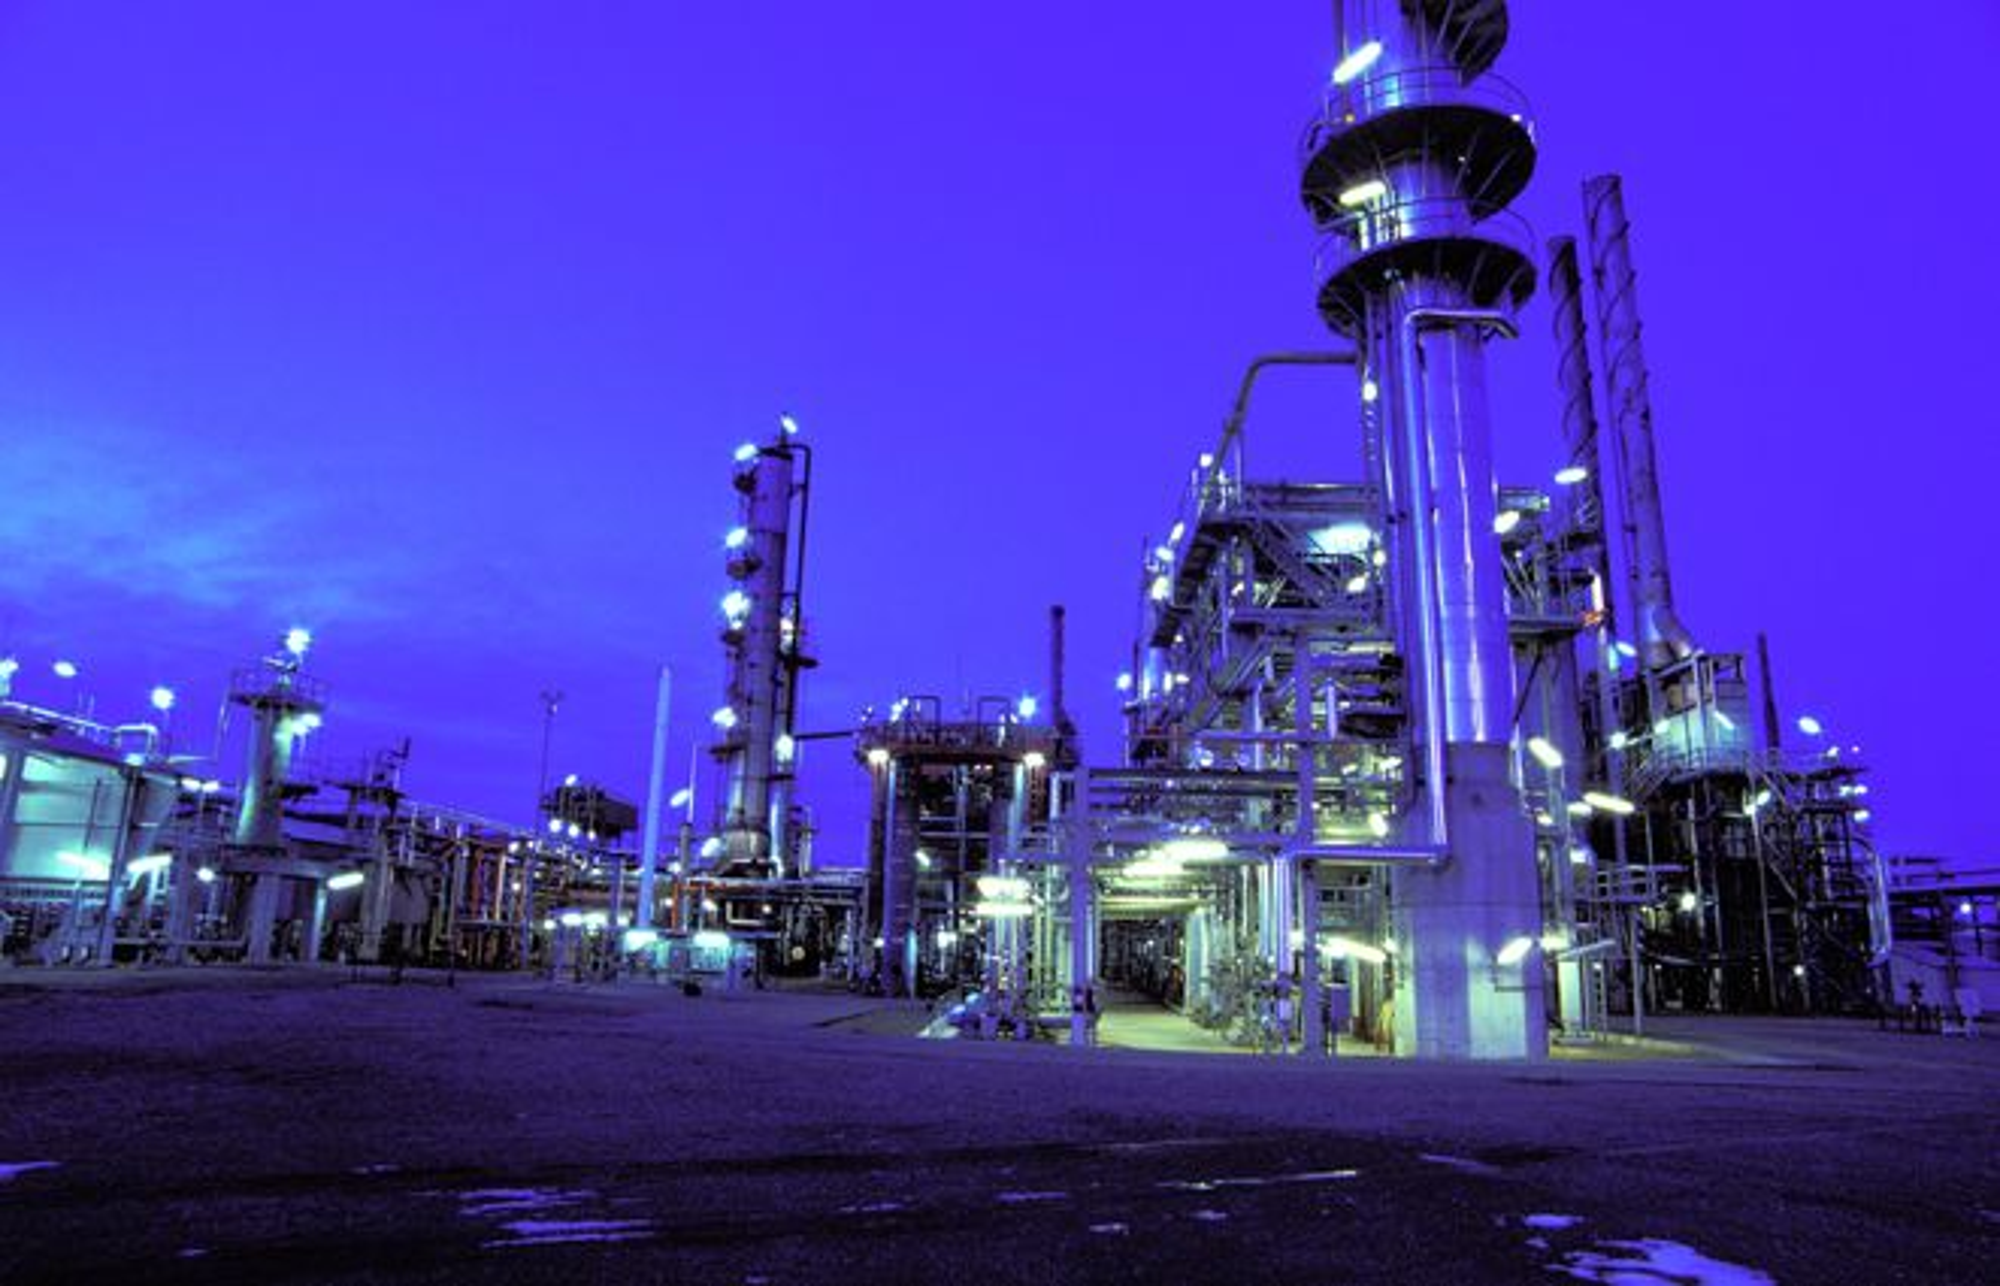 EXXONMOBIL: Dette er ExxonMobils oljeraffineri på Slagen utenfor Tønsberg. Selskapet finner fortsatt mye olje, klarer ikke å erstatte hvert fat de utvinner. Gass ser ut til å spille en stadig større rolle.